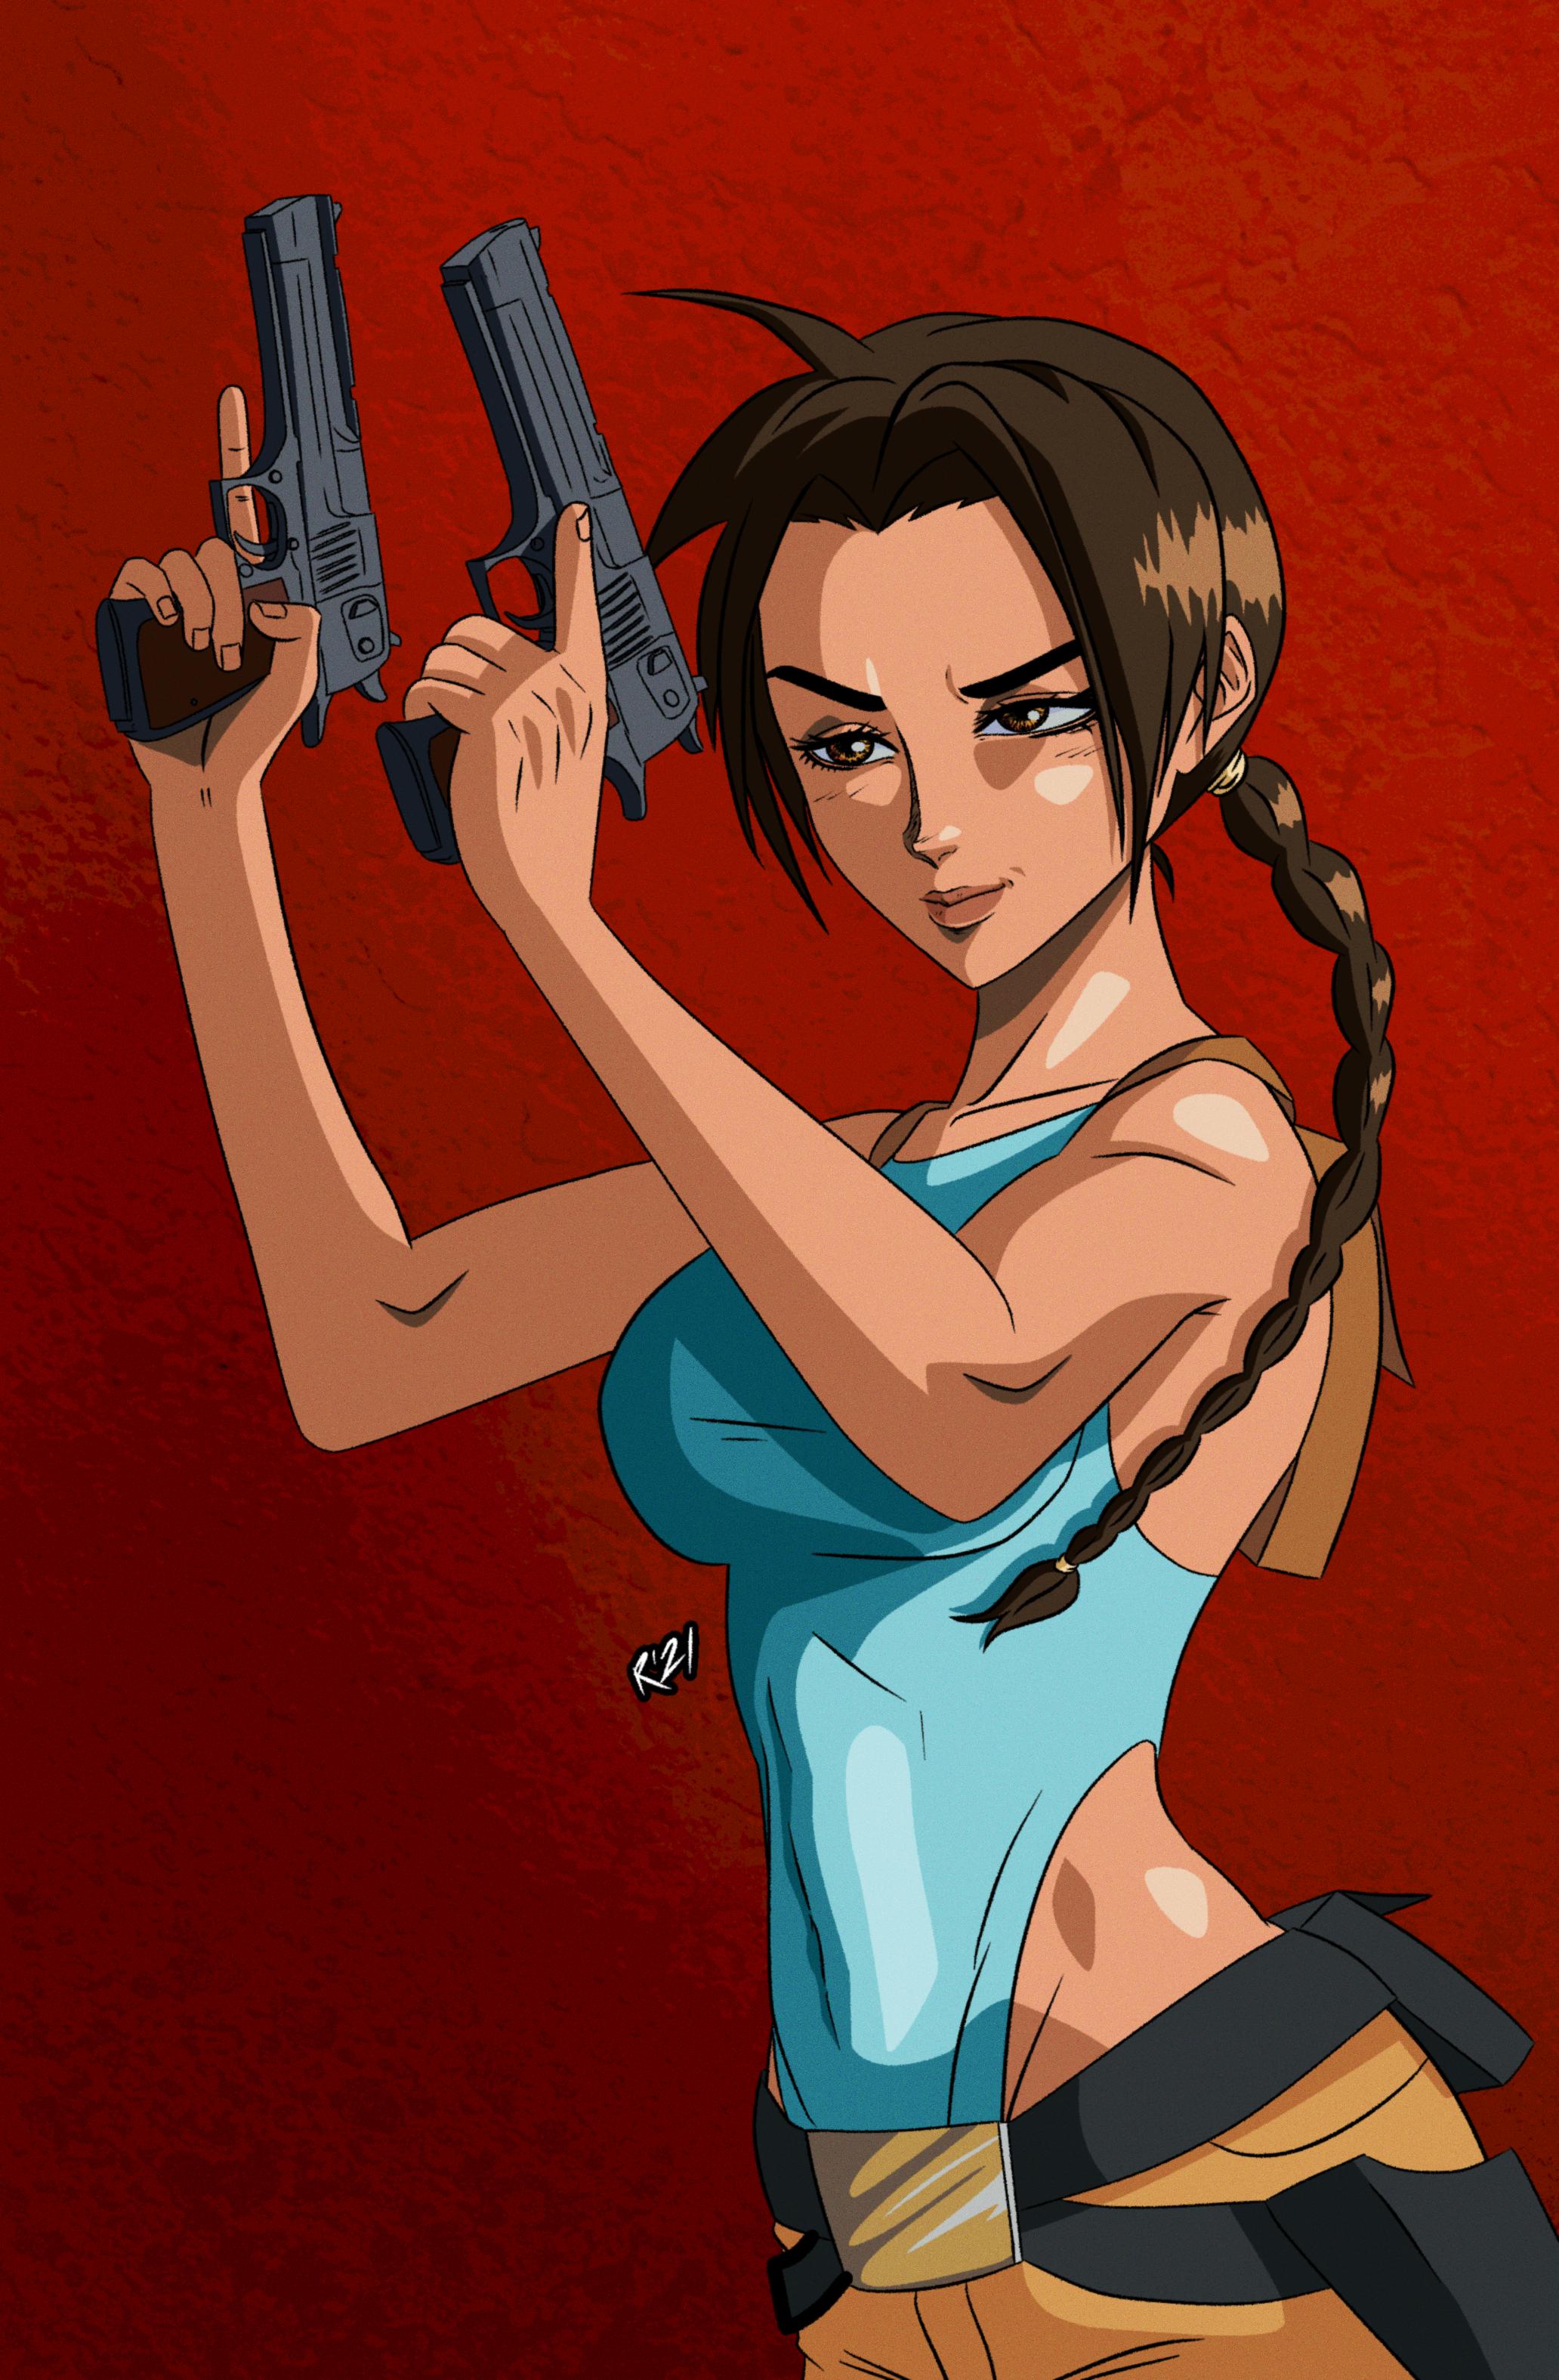 Anime Lara Croft